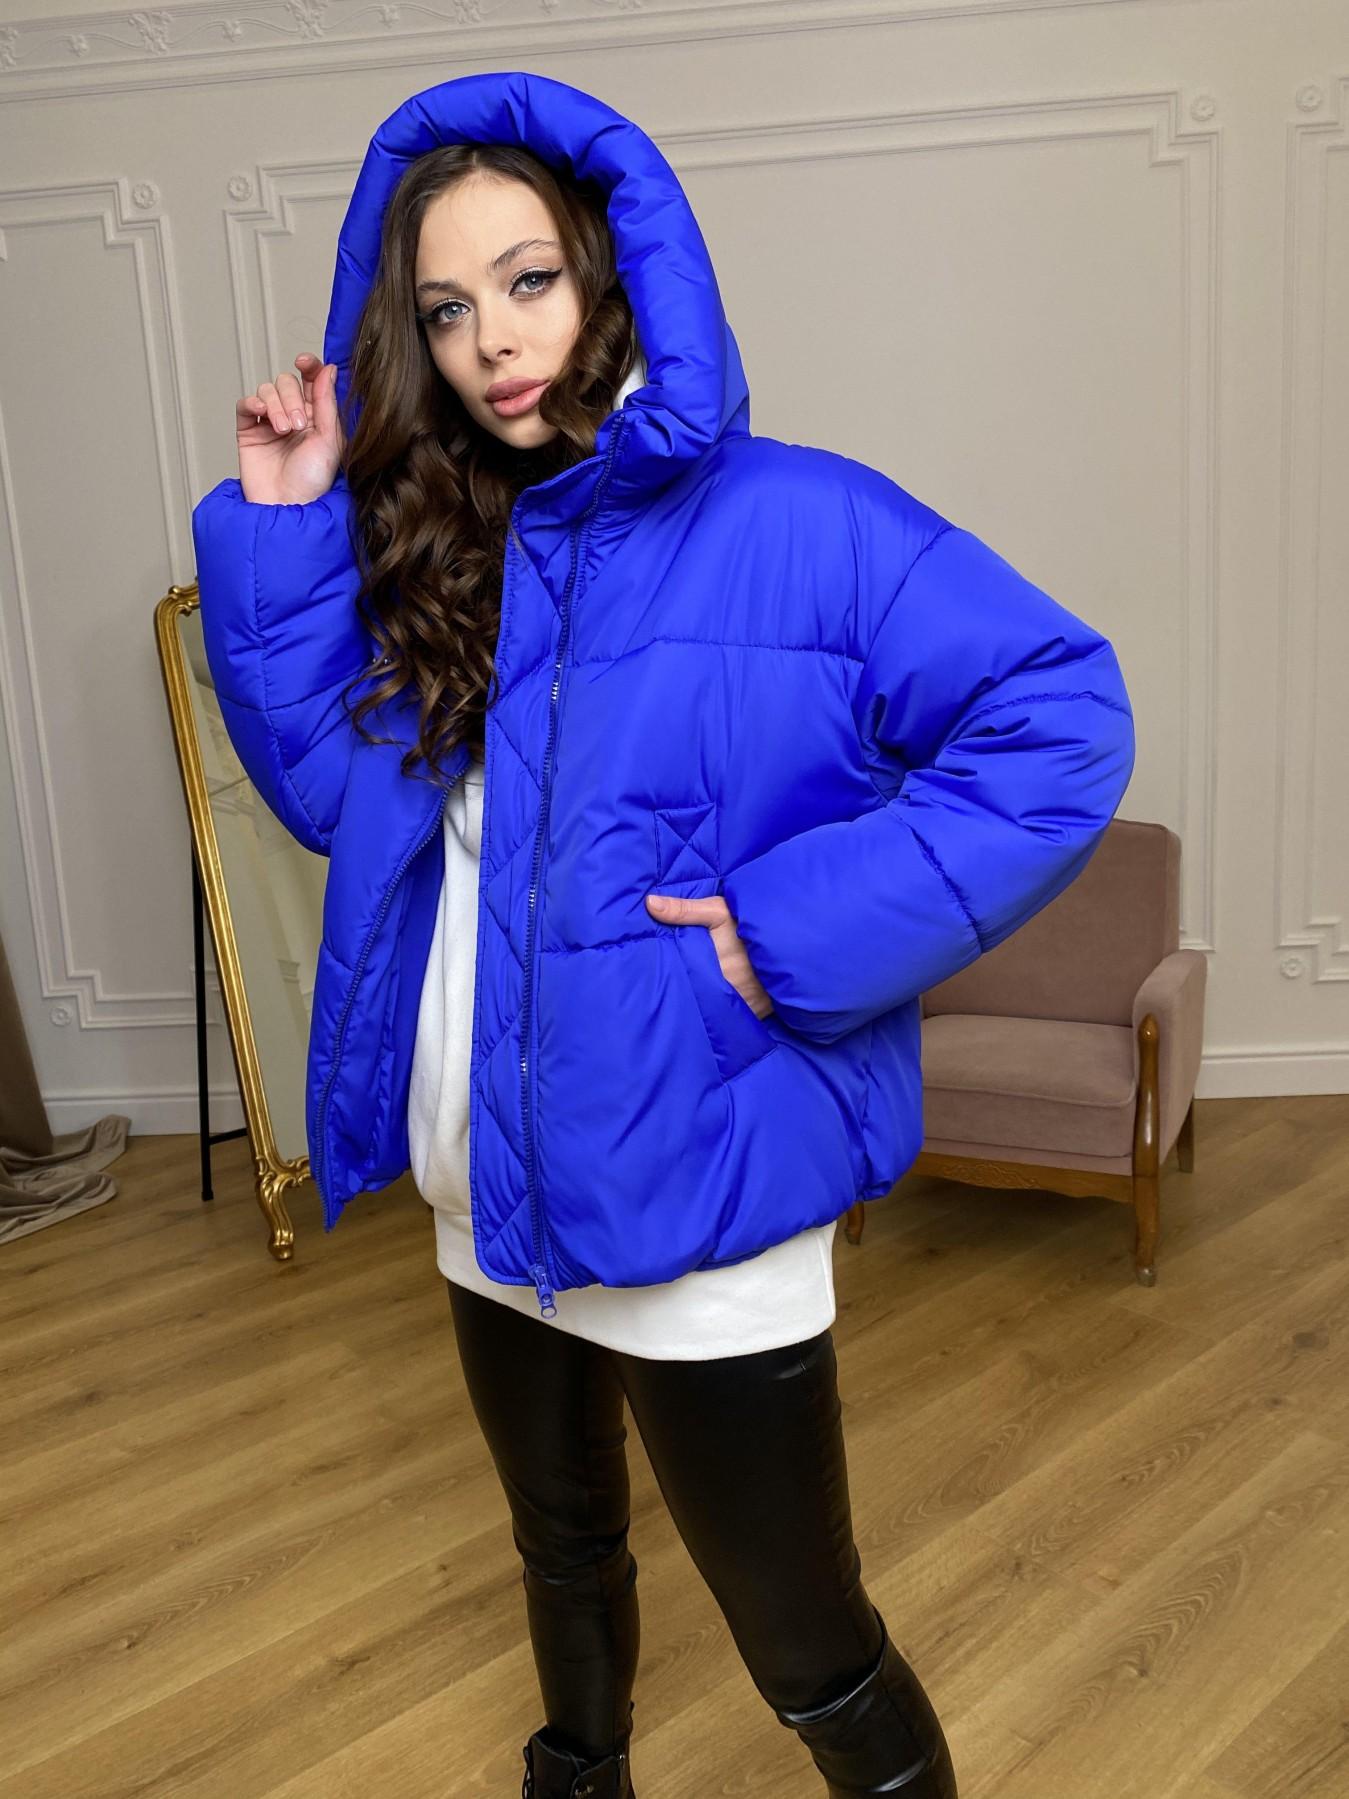 Нокс куртка из плащевой ткани 10535 АРТ. 46881 Цвет: Электрик 1052 - фото 8, интернет магазин tm-modus.ru